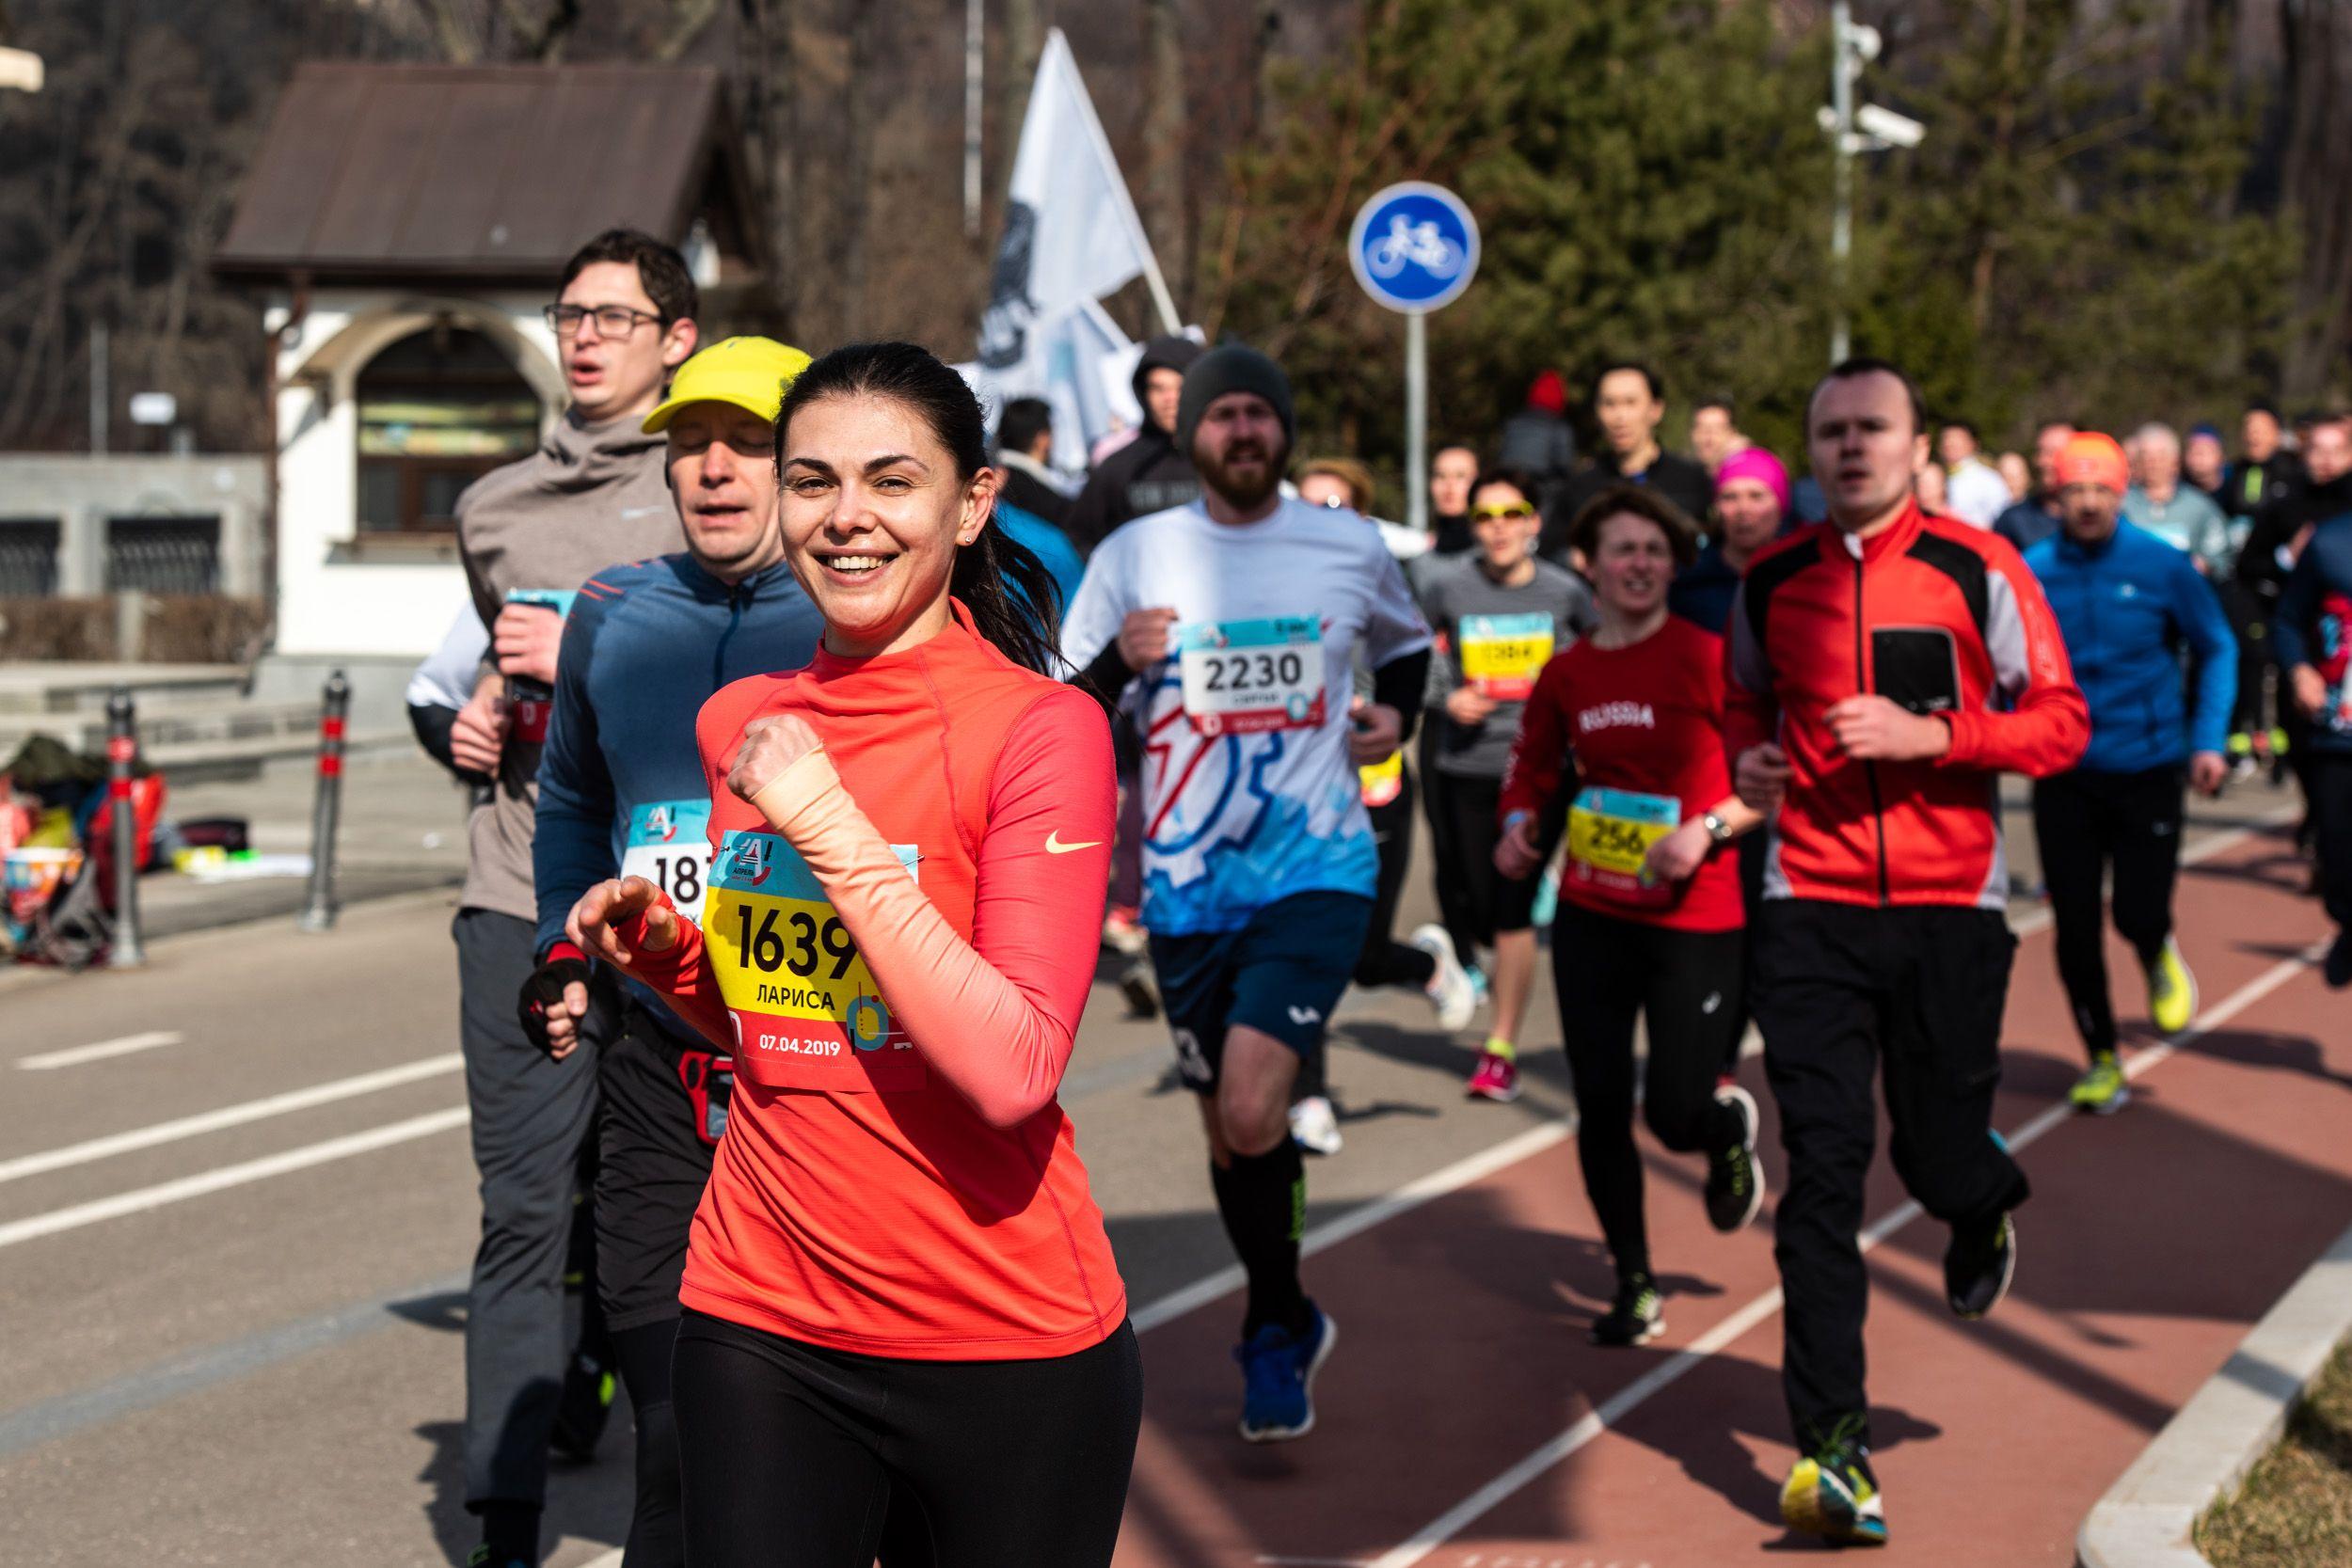 Легкоатлетический забег проведут в Новой Москве